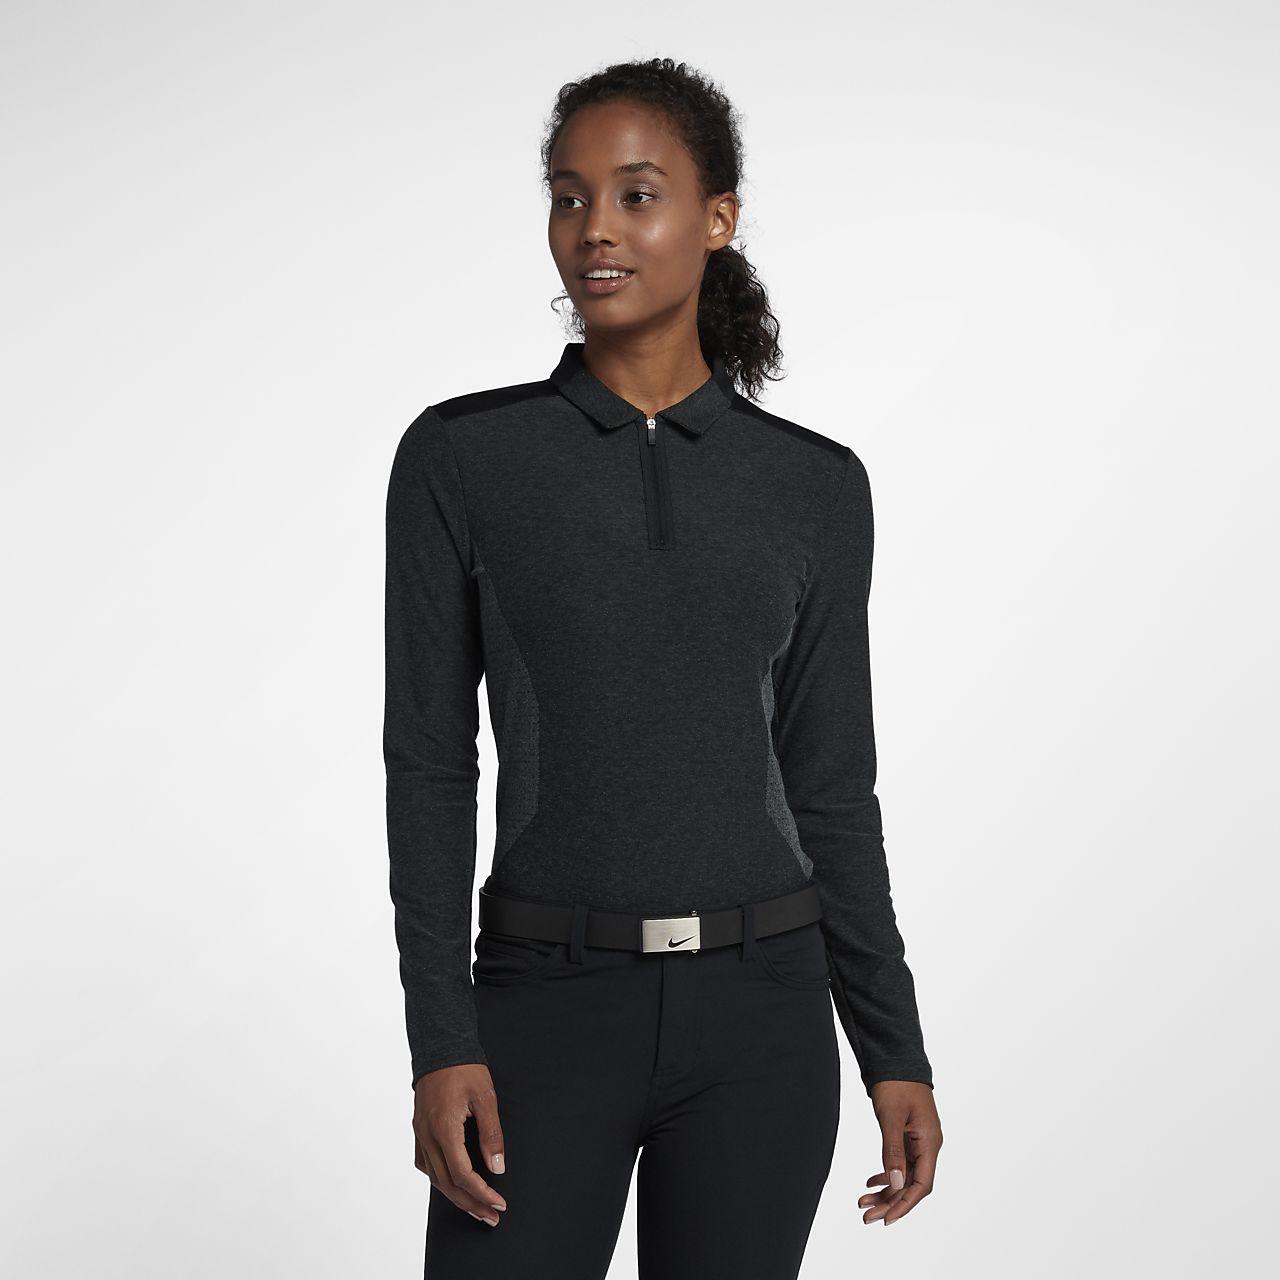 Polo de golf de manga larga para mujer Nike Zonal Cooling